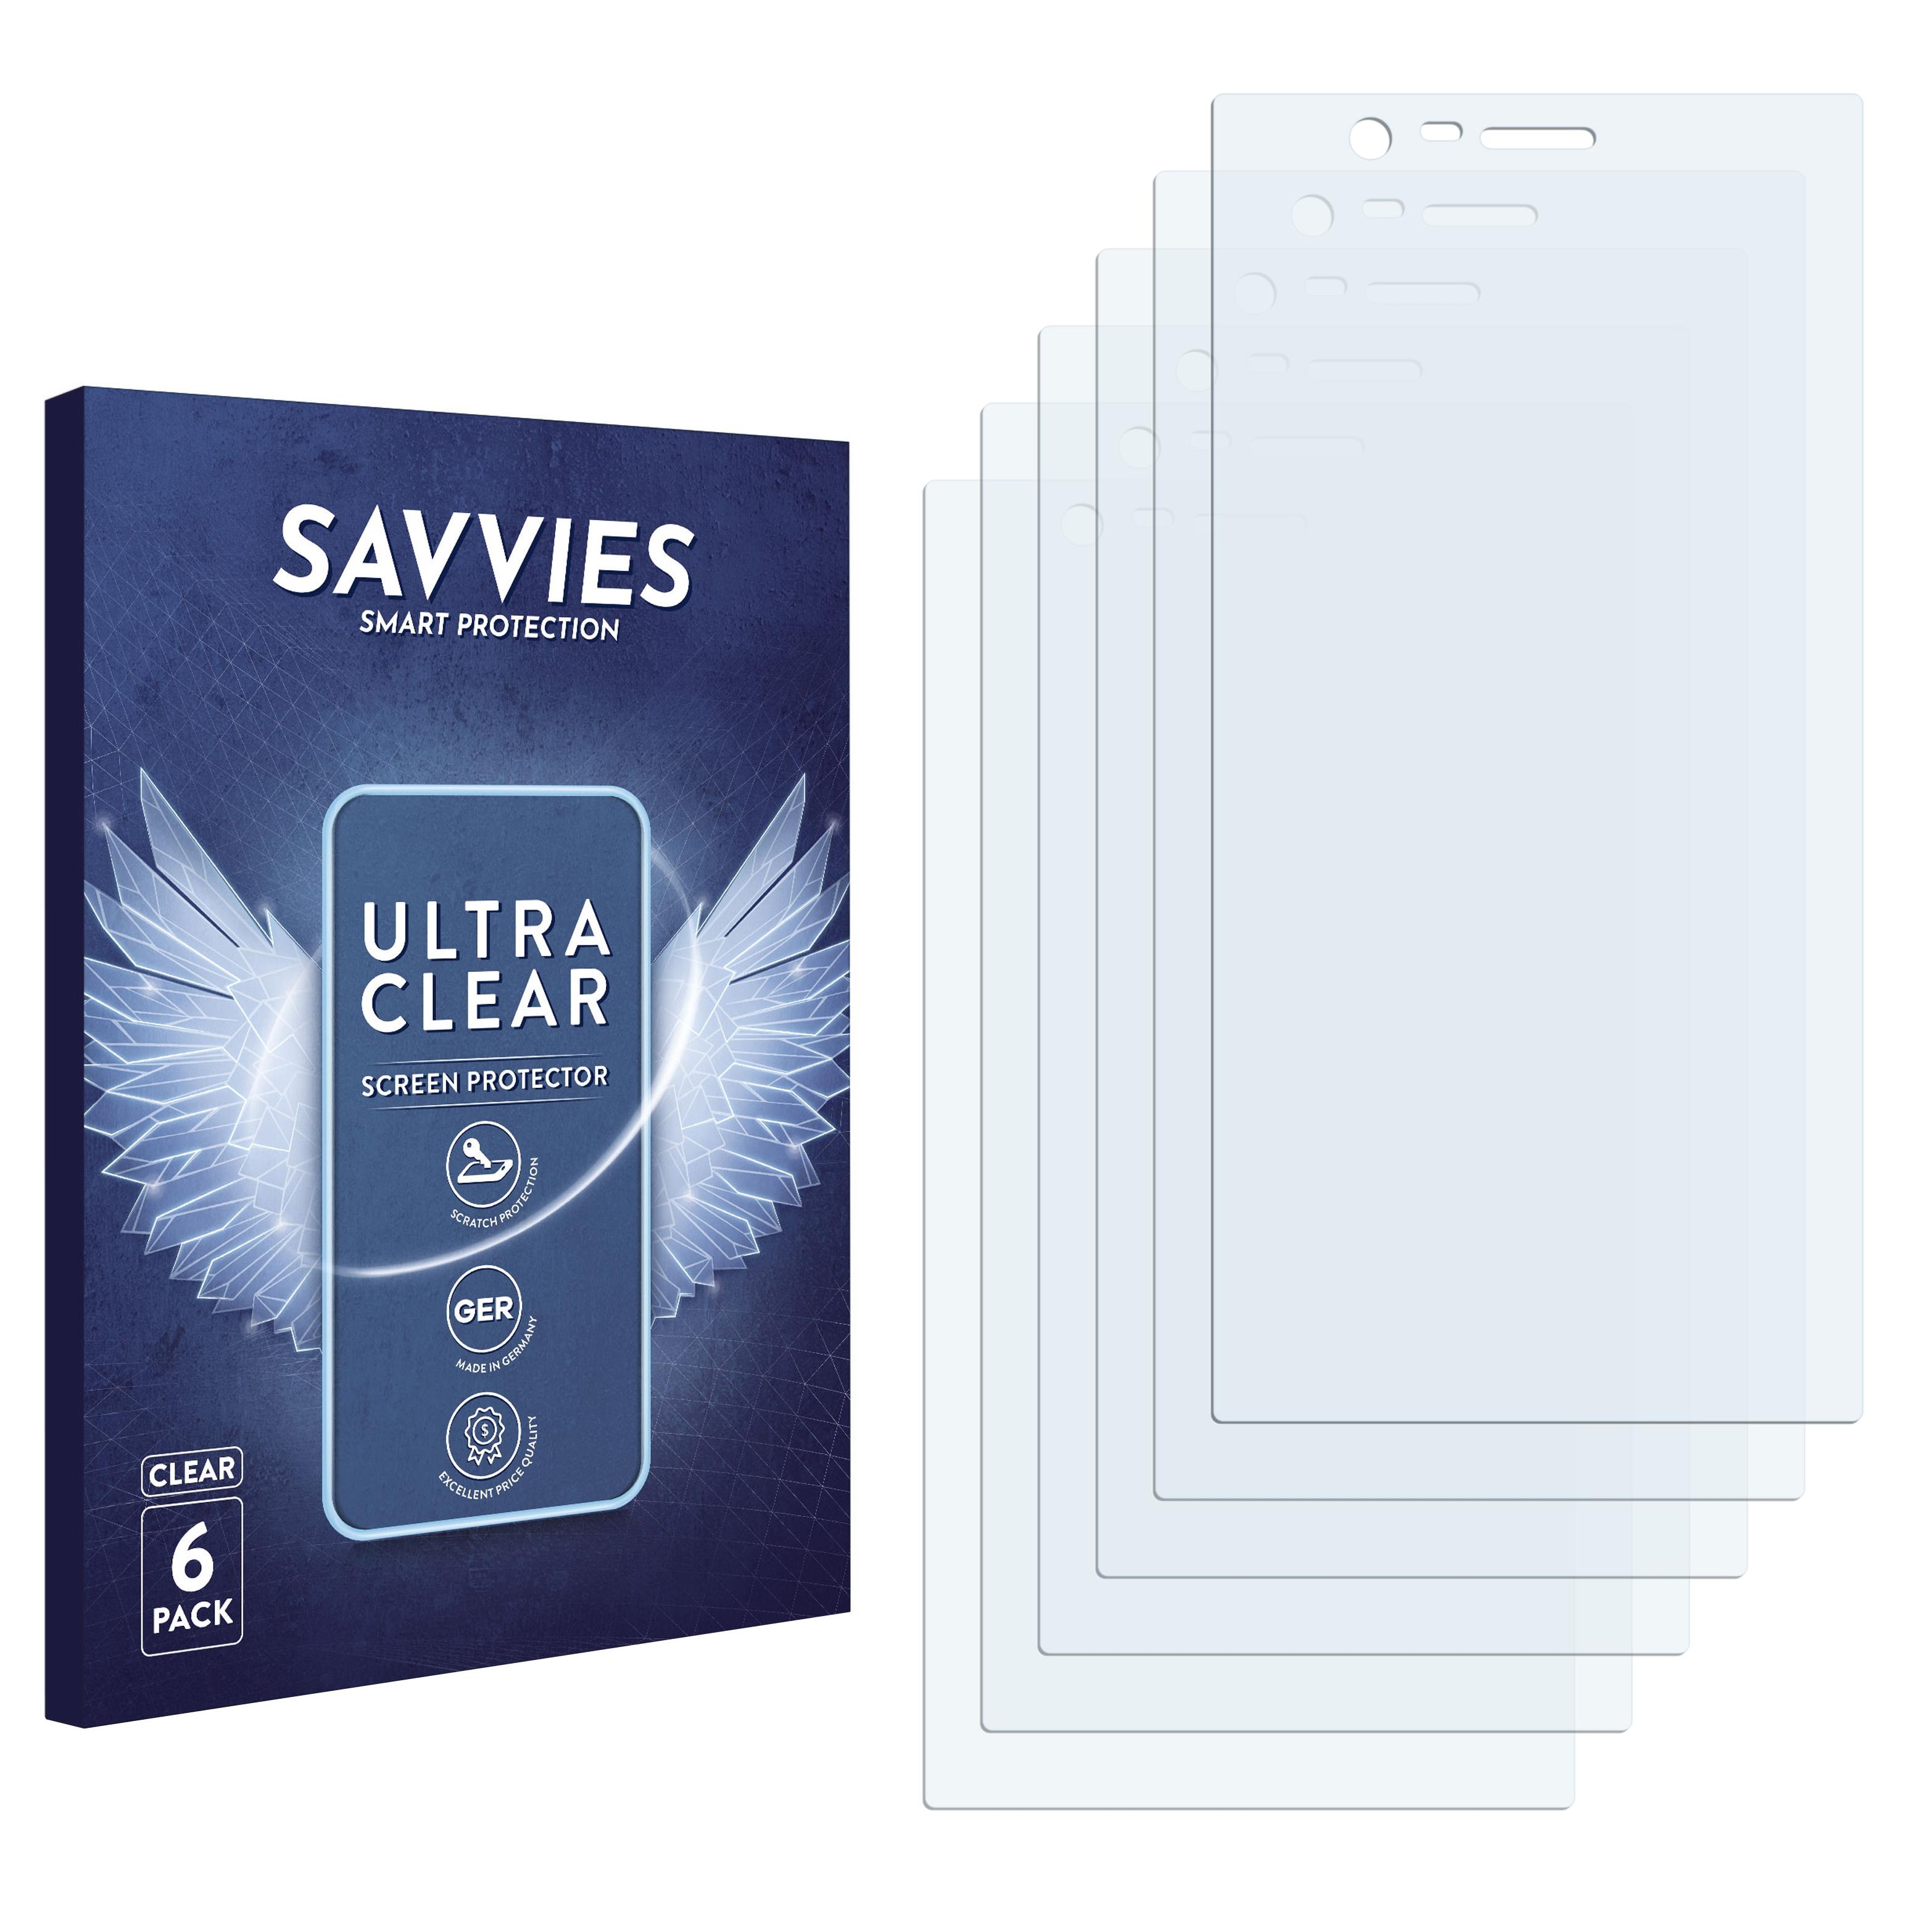 Ochranná fólie Savvies na Lenovo IdeaPhone K900, 6ks